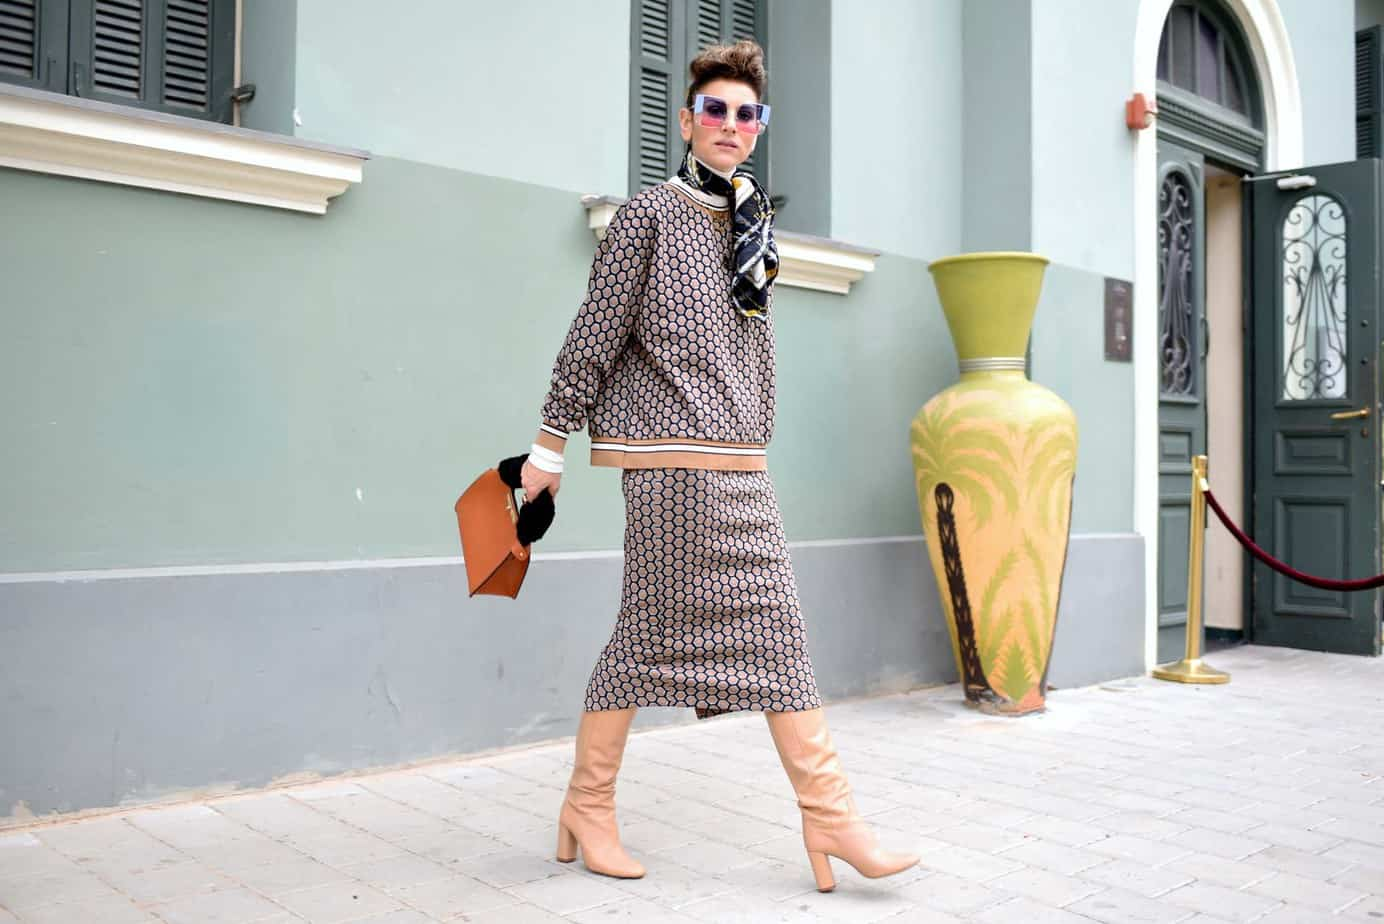 חליפה H&M, מגפיים וצעיף: זארה | גולף: מנגו | תיק: לילך אלגרבלי | משקפי שמש:private vintage collection. אורנה חיות. צילום: לימור יערי66